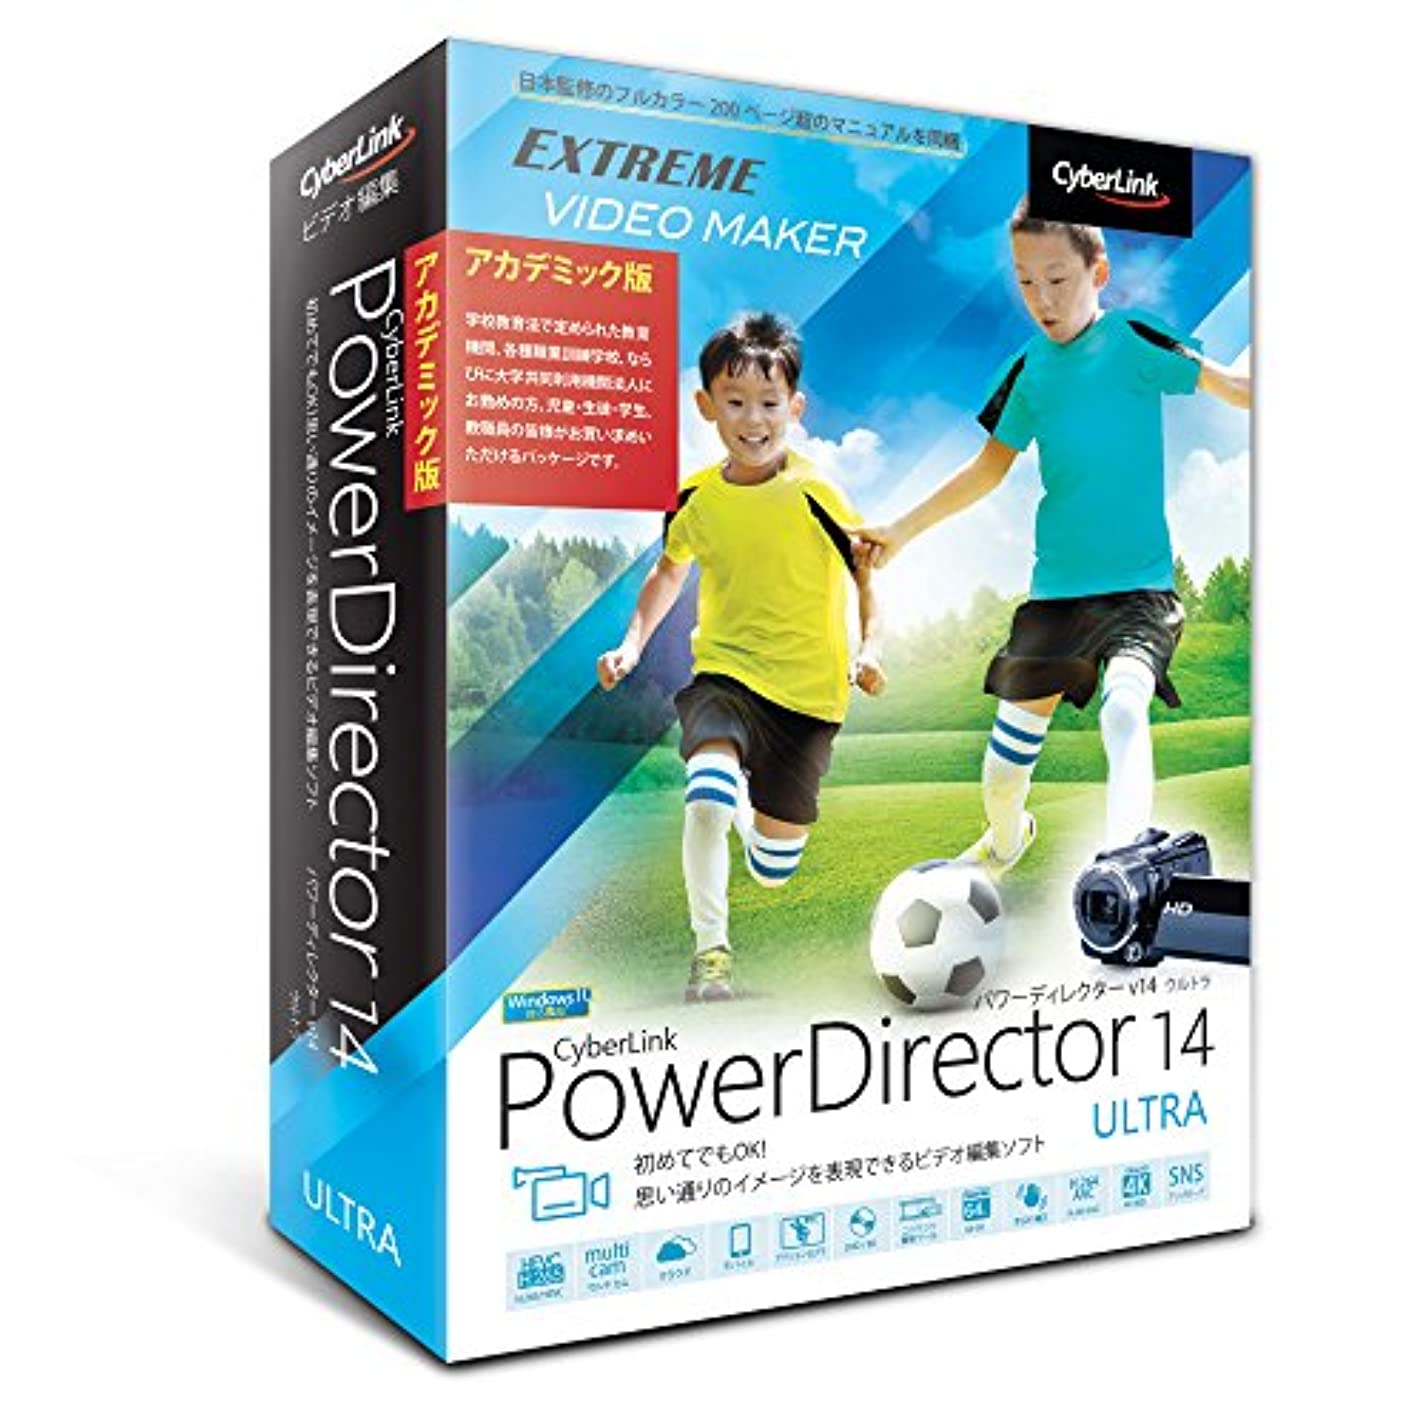 キウイ事強度PowerDirector 14 Ultra|アカデミック版